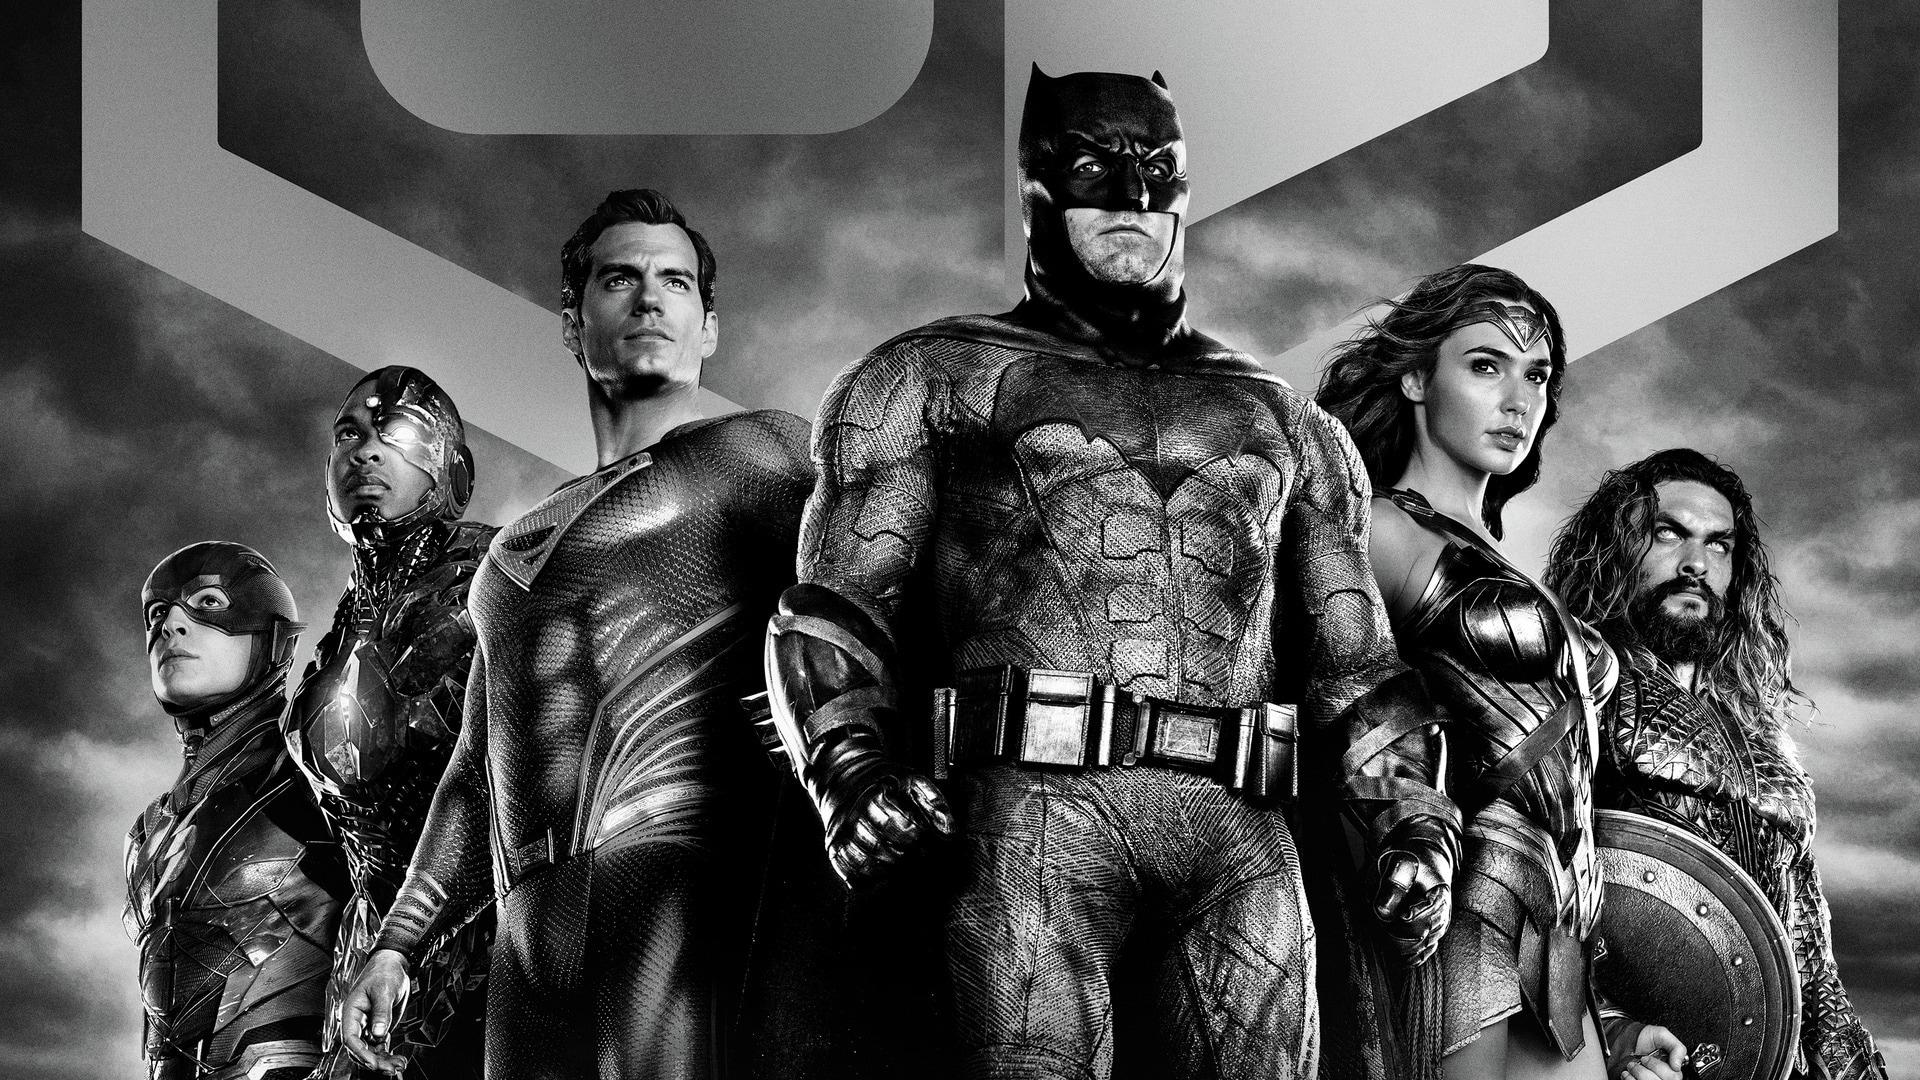 <span>Zack Snyder's Justice League - Grey Edition</span>